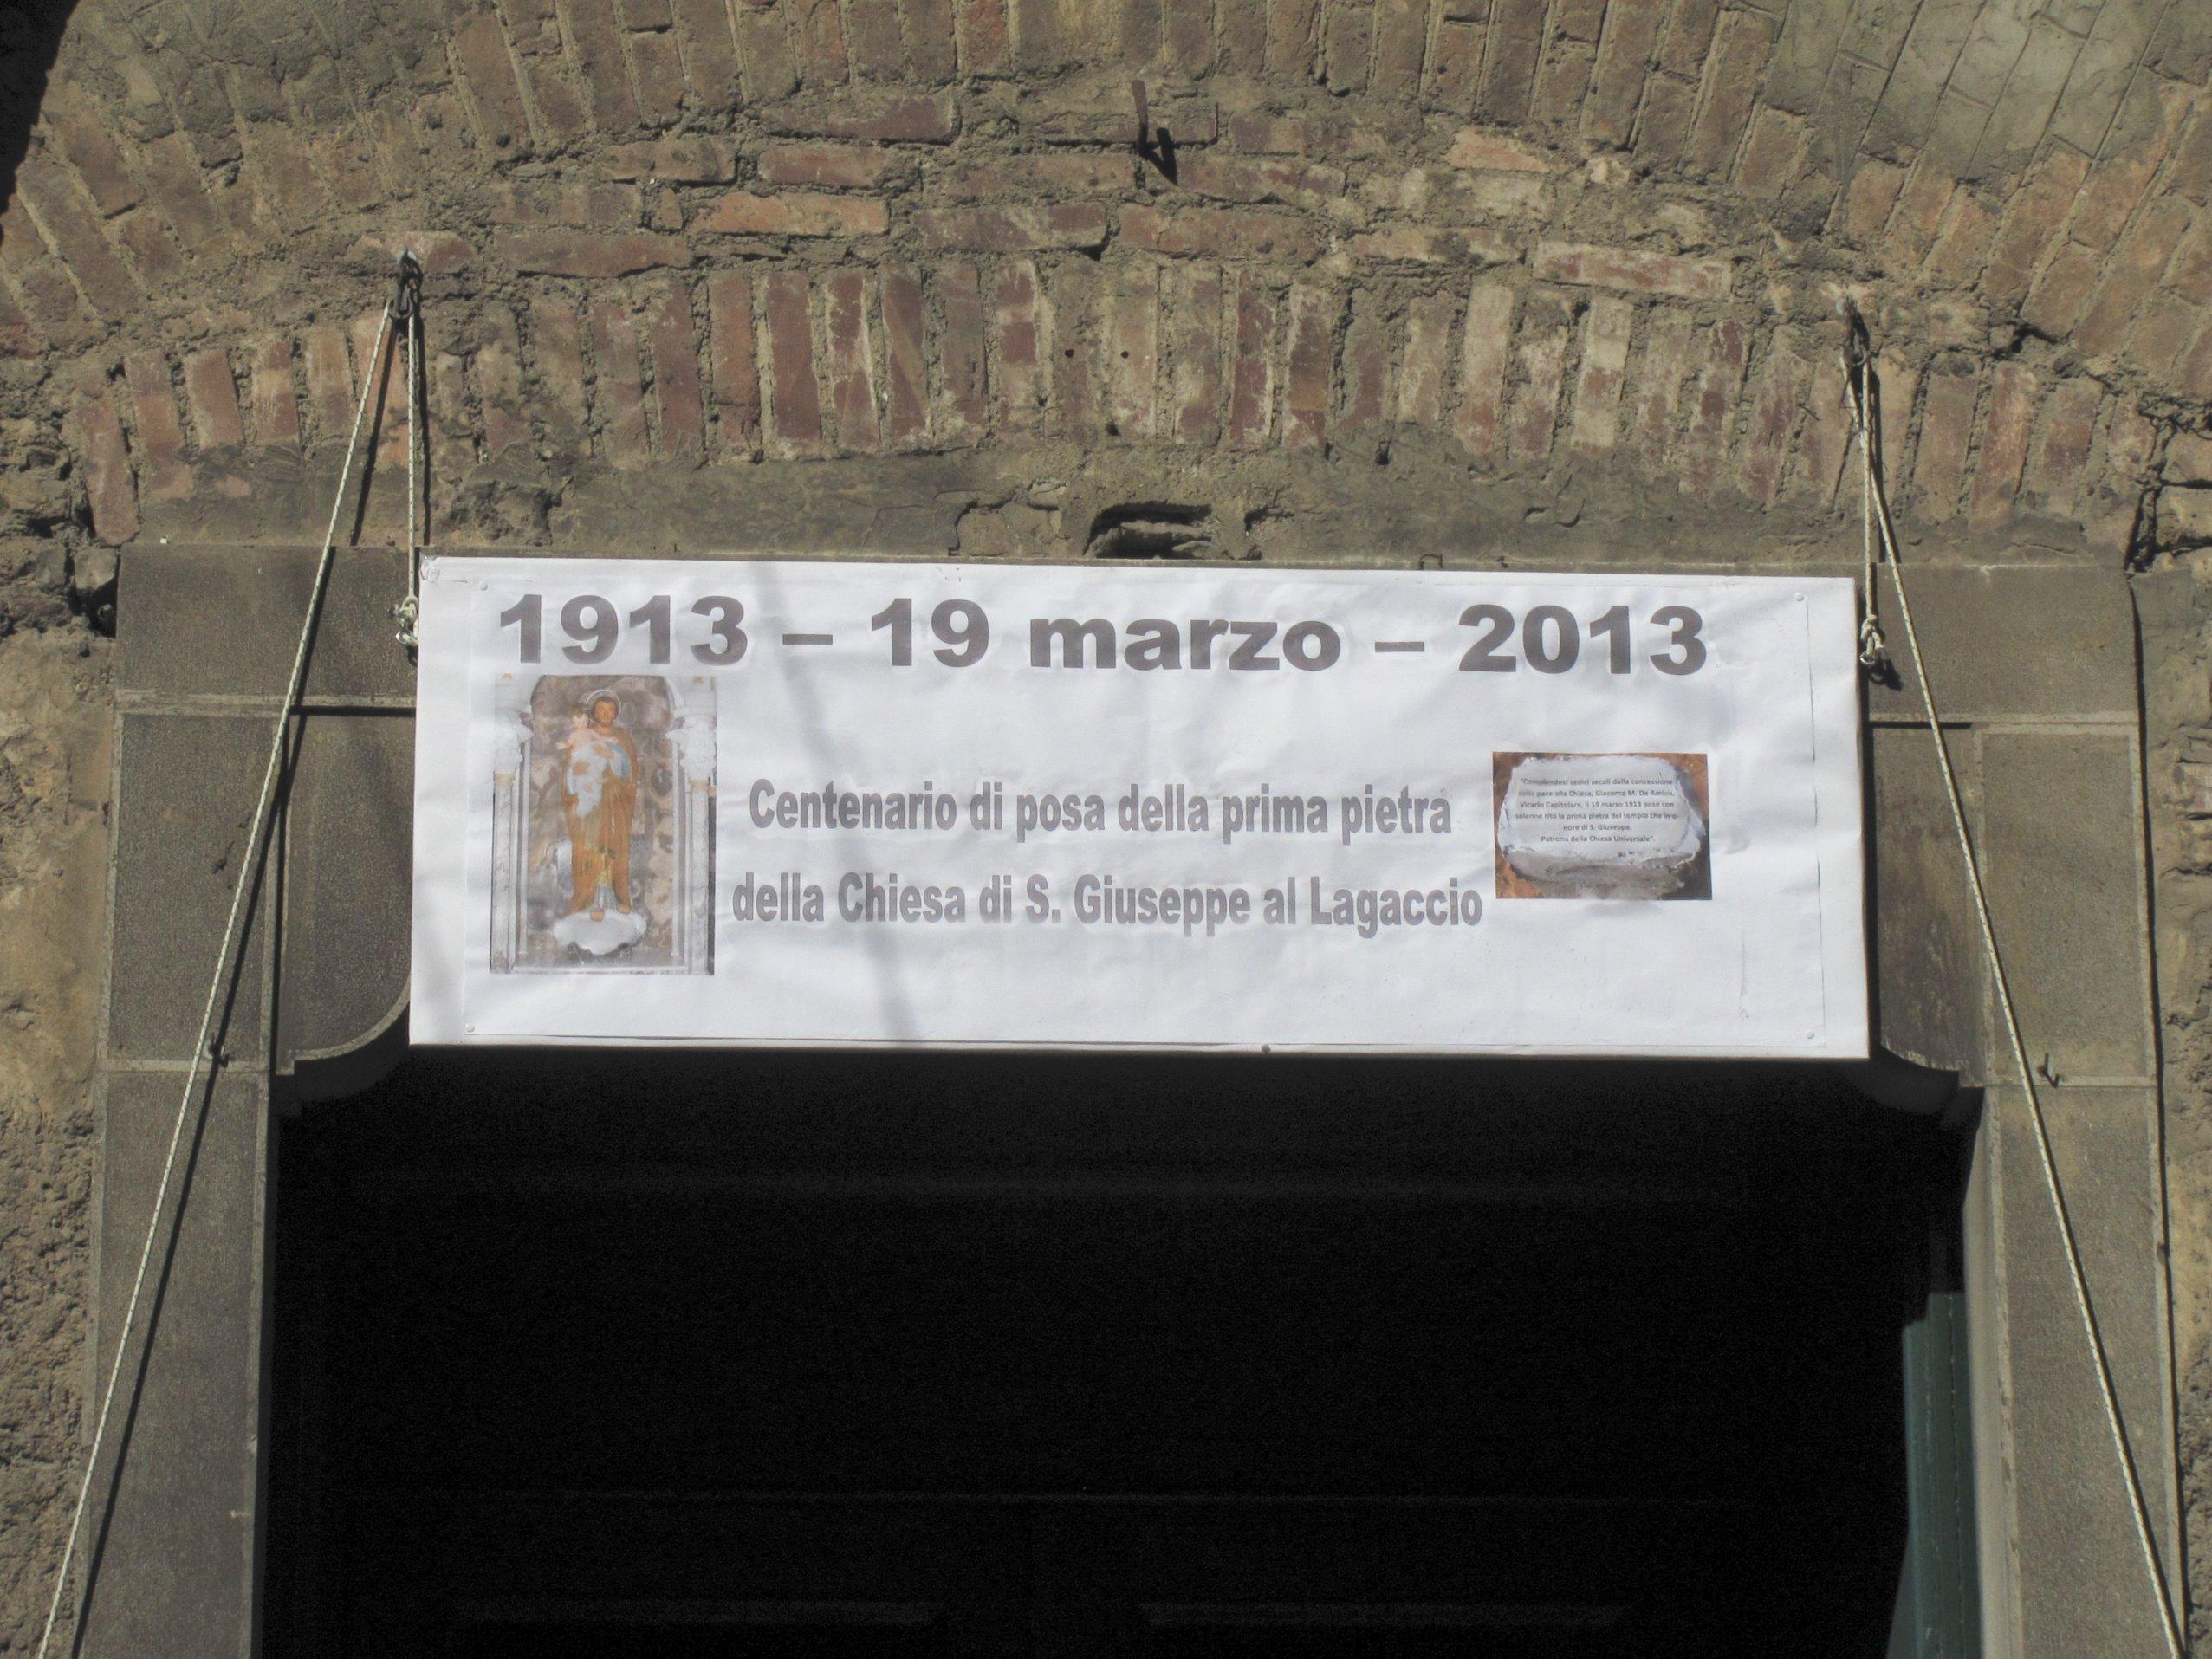 festa_s-_giuseppe_centenario_prima_pietra-2013-03-19-10-01-20